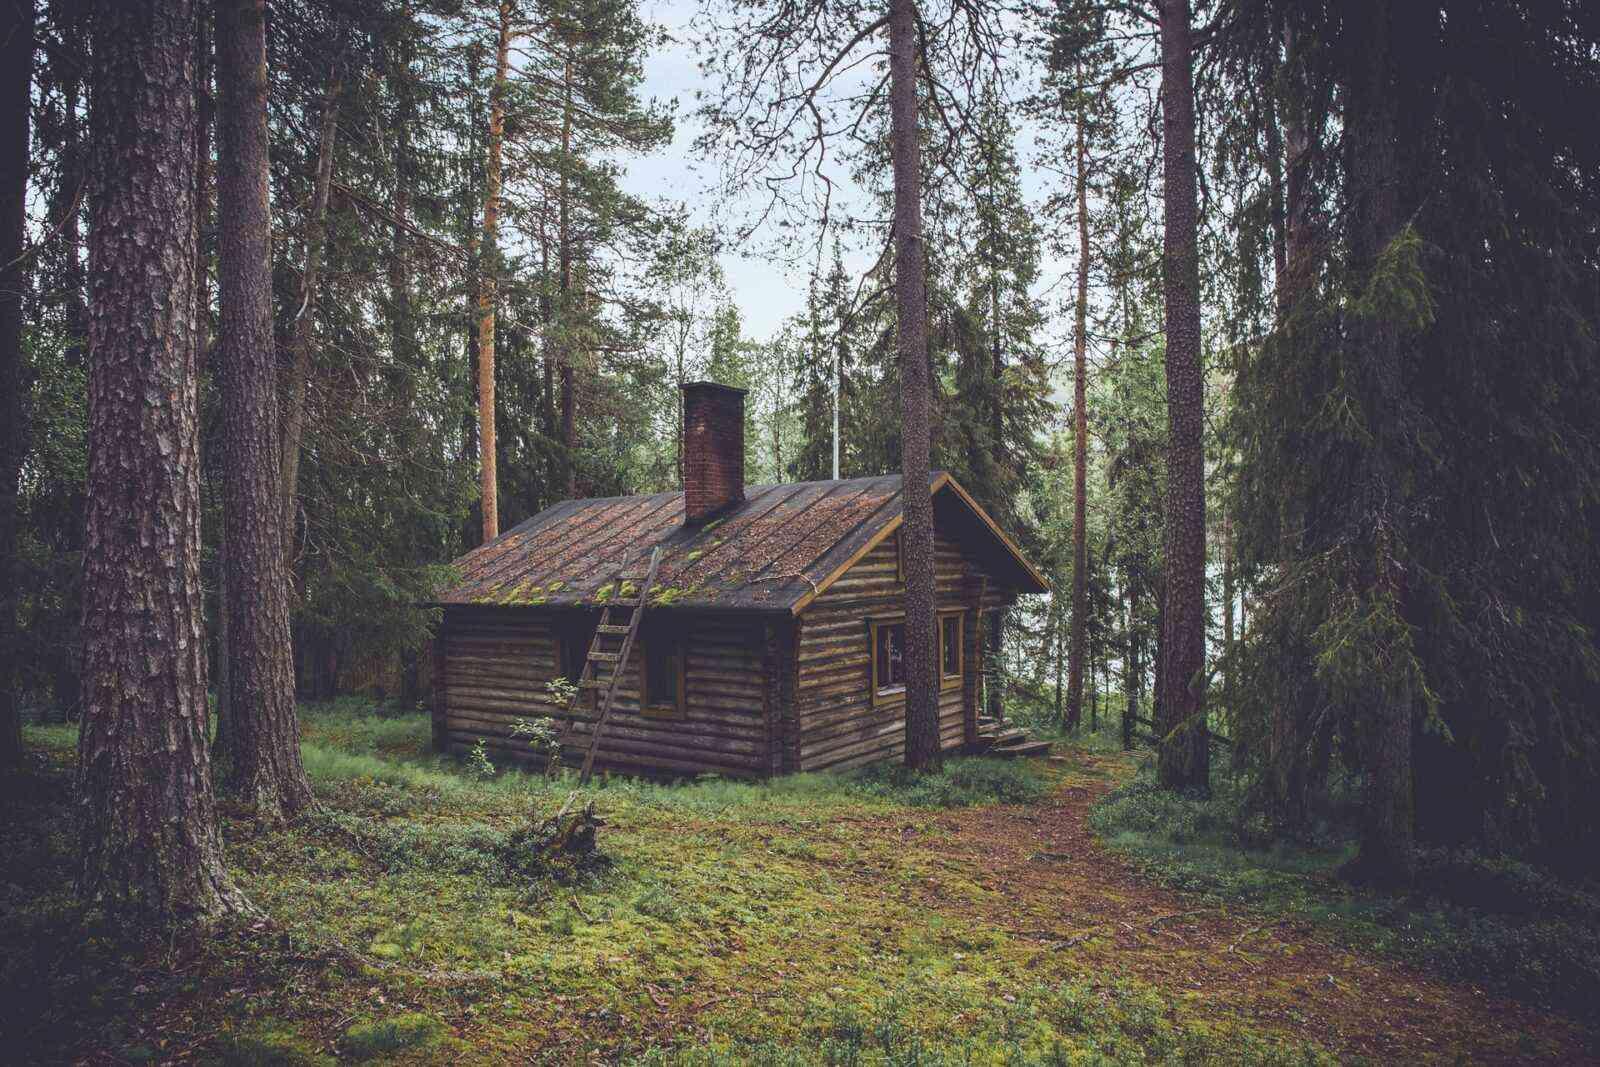 foto de cabana rústica feita de toras em meio a uma floresta finlandesa